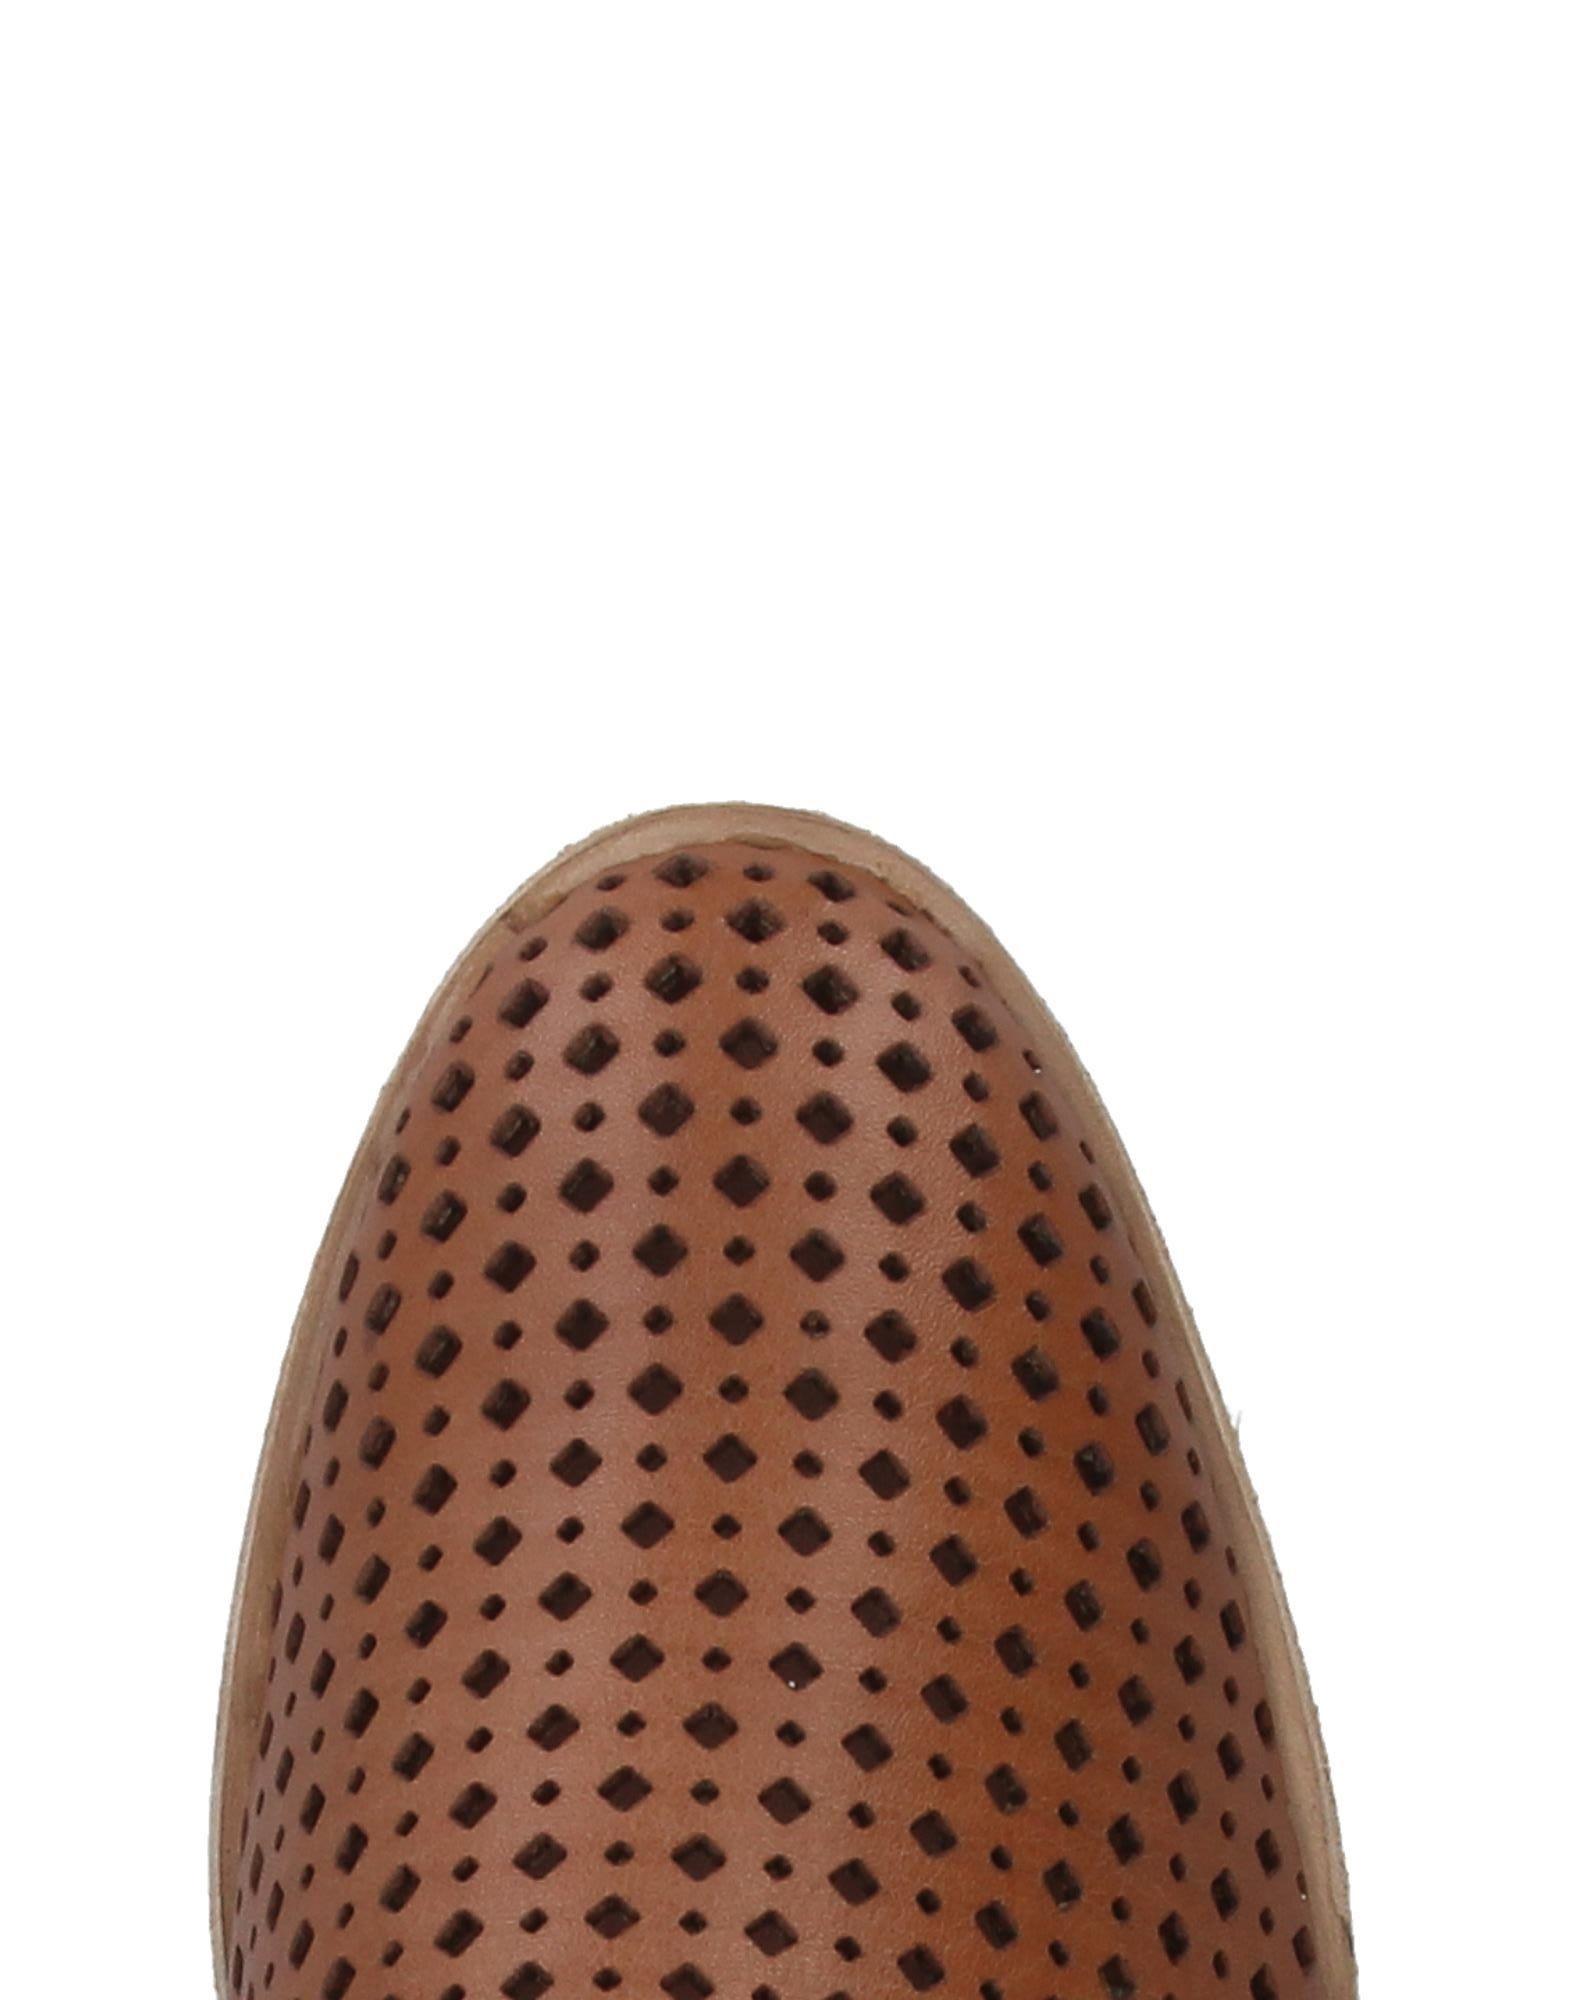 Cuoieria Mokassins Mokassins Cuoieria Damen  11359224LI Gute Qualität beliebte Schuhe 890140